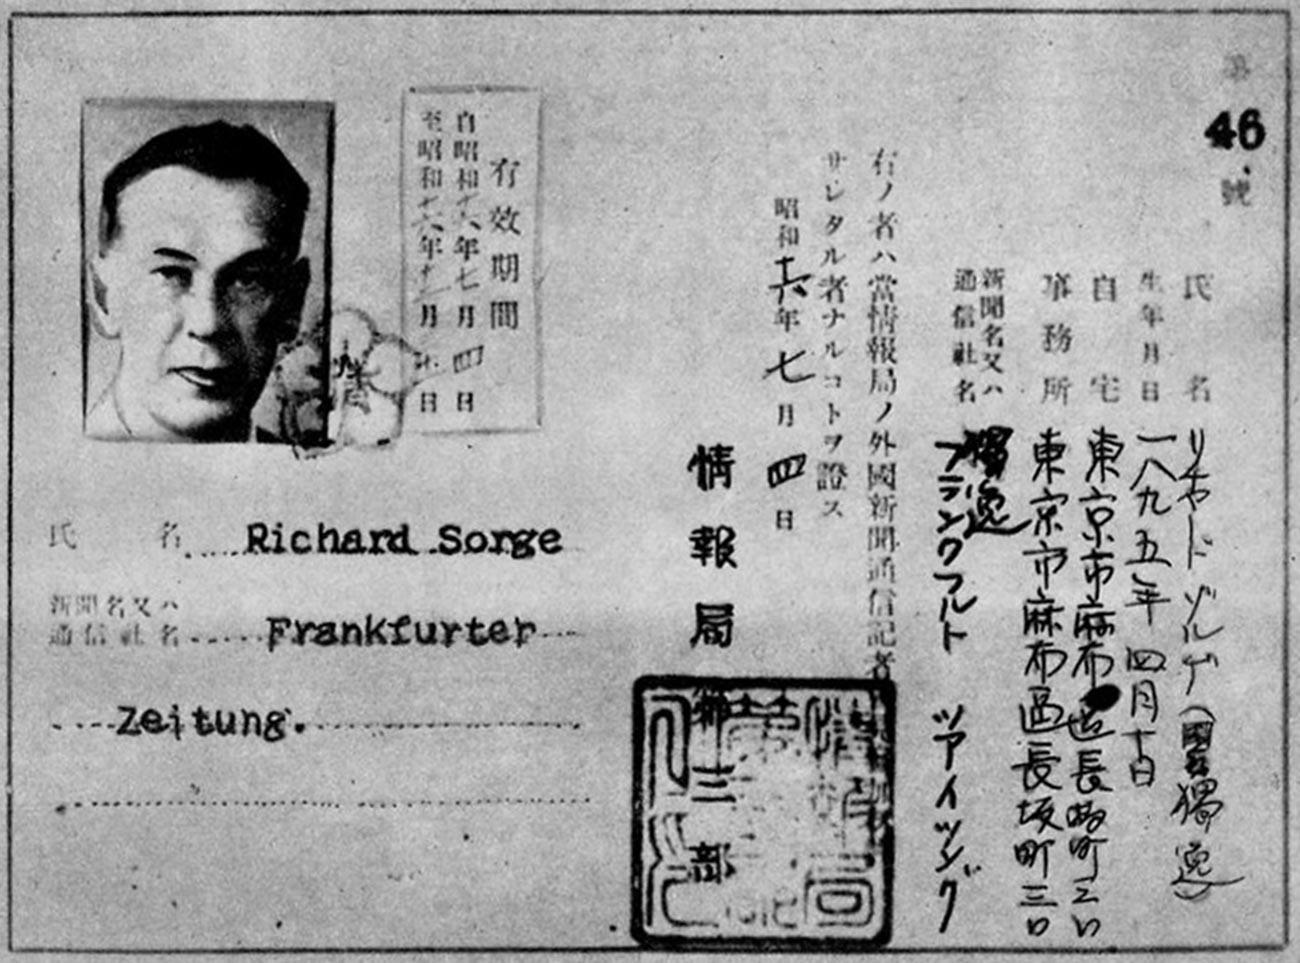 Удостоверение на прессекретаря на германското посолство в Япония Зорге